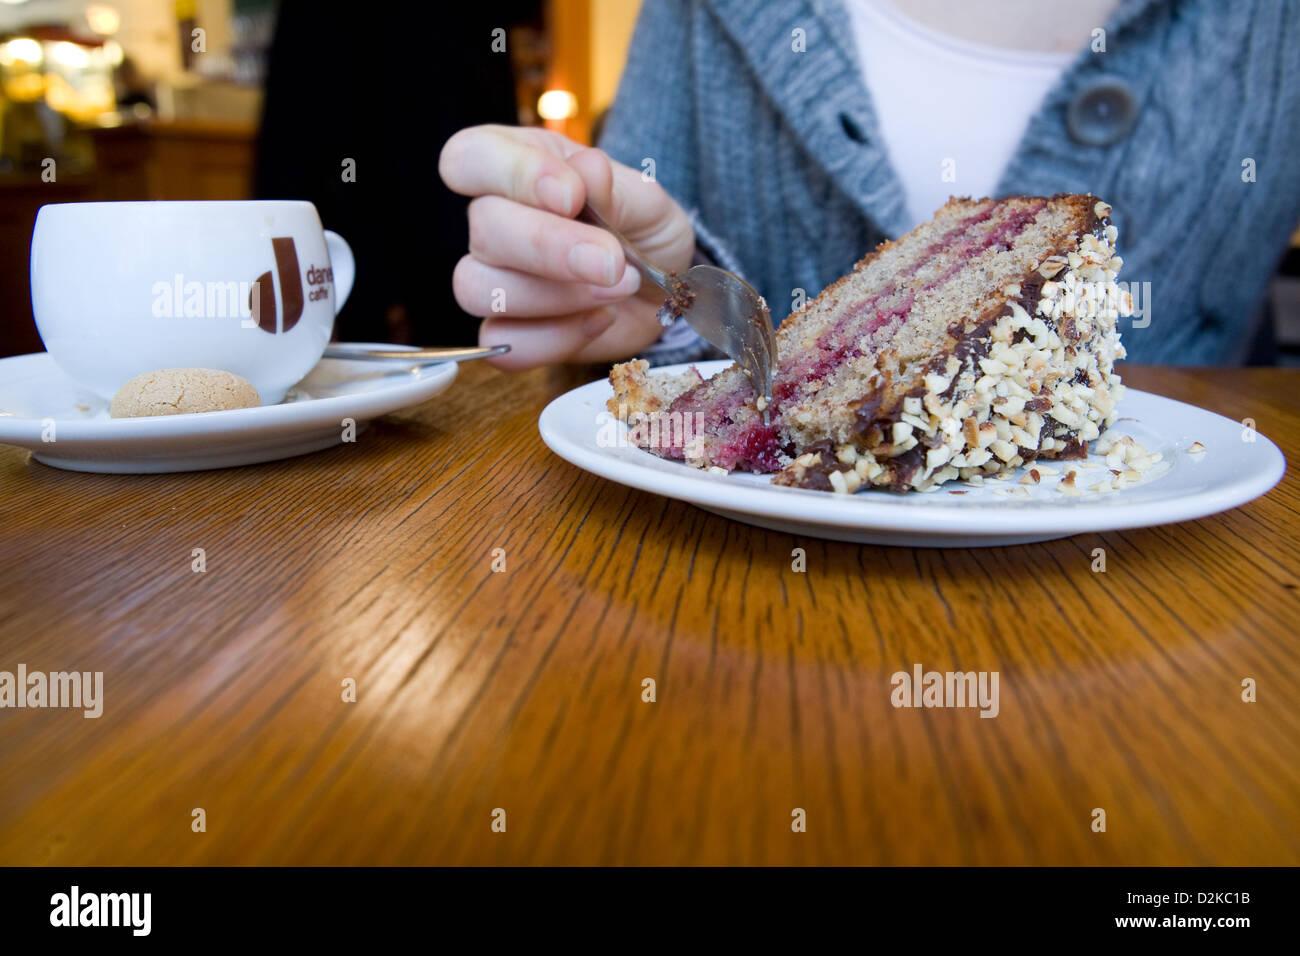 Berlin Deutschland Eine Frau Mit Kaffee Und Kuchen Stockfoto Bild